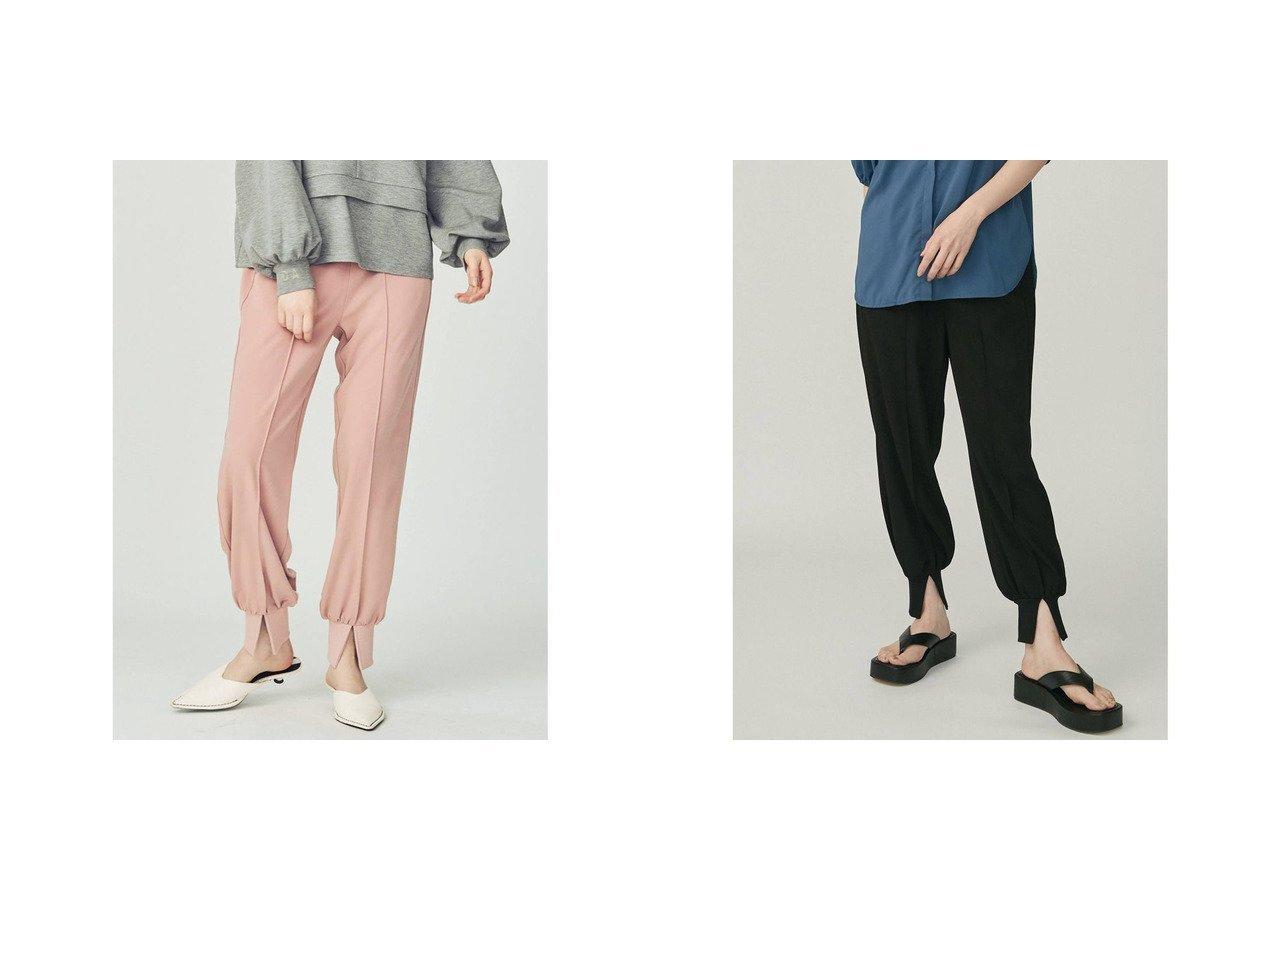 【COTORICA/コトリカ】のCOTORICA. 【THE DAYZ TOKYO】センタースリットジョグパンツ 【パンツ】おすすめ!人気、トレンド・レディースファッションの通販   おすすめで人気の流行・トレンド、ファッションの通販商品 インテリア・家具・メンズファッション・キッズファッション・レディースファッション・服の通販 founy(ファニー) https://founy.com/ ファッション Fashion レディースファッション WOMEN パンツ Pants 2021年 2021 2021春夏・S/S SS/Spring/Summer/2021 S/S・春夏 SS・Spring/Summer シャツワンピ ショート スニーカー スリット センター 夏 Summer 春 Spring |ID:crp329100000058806